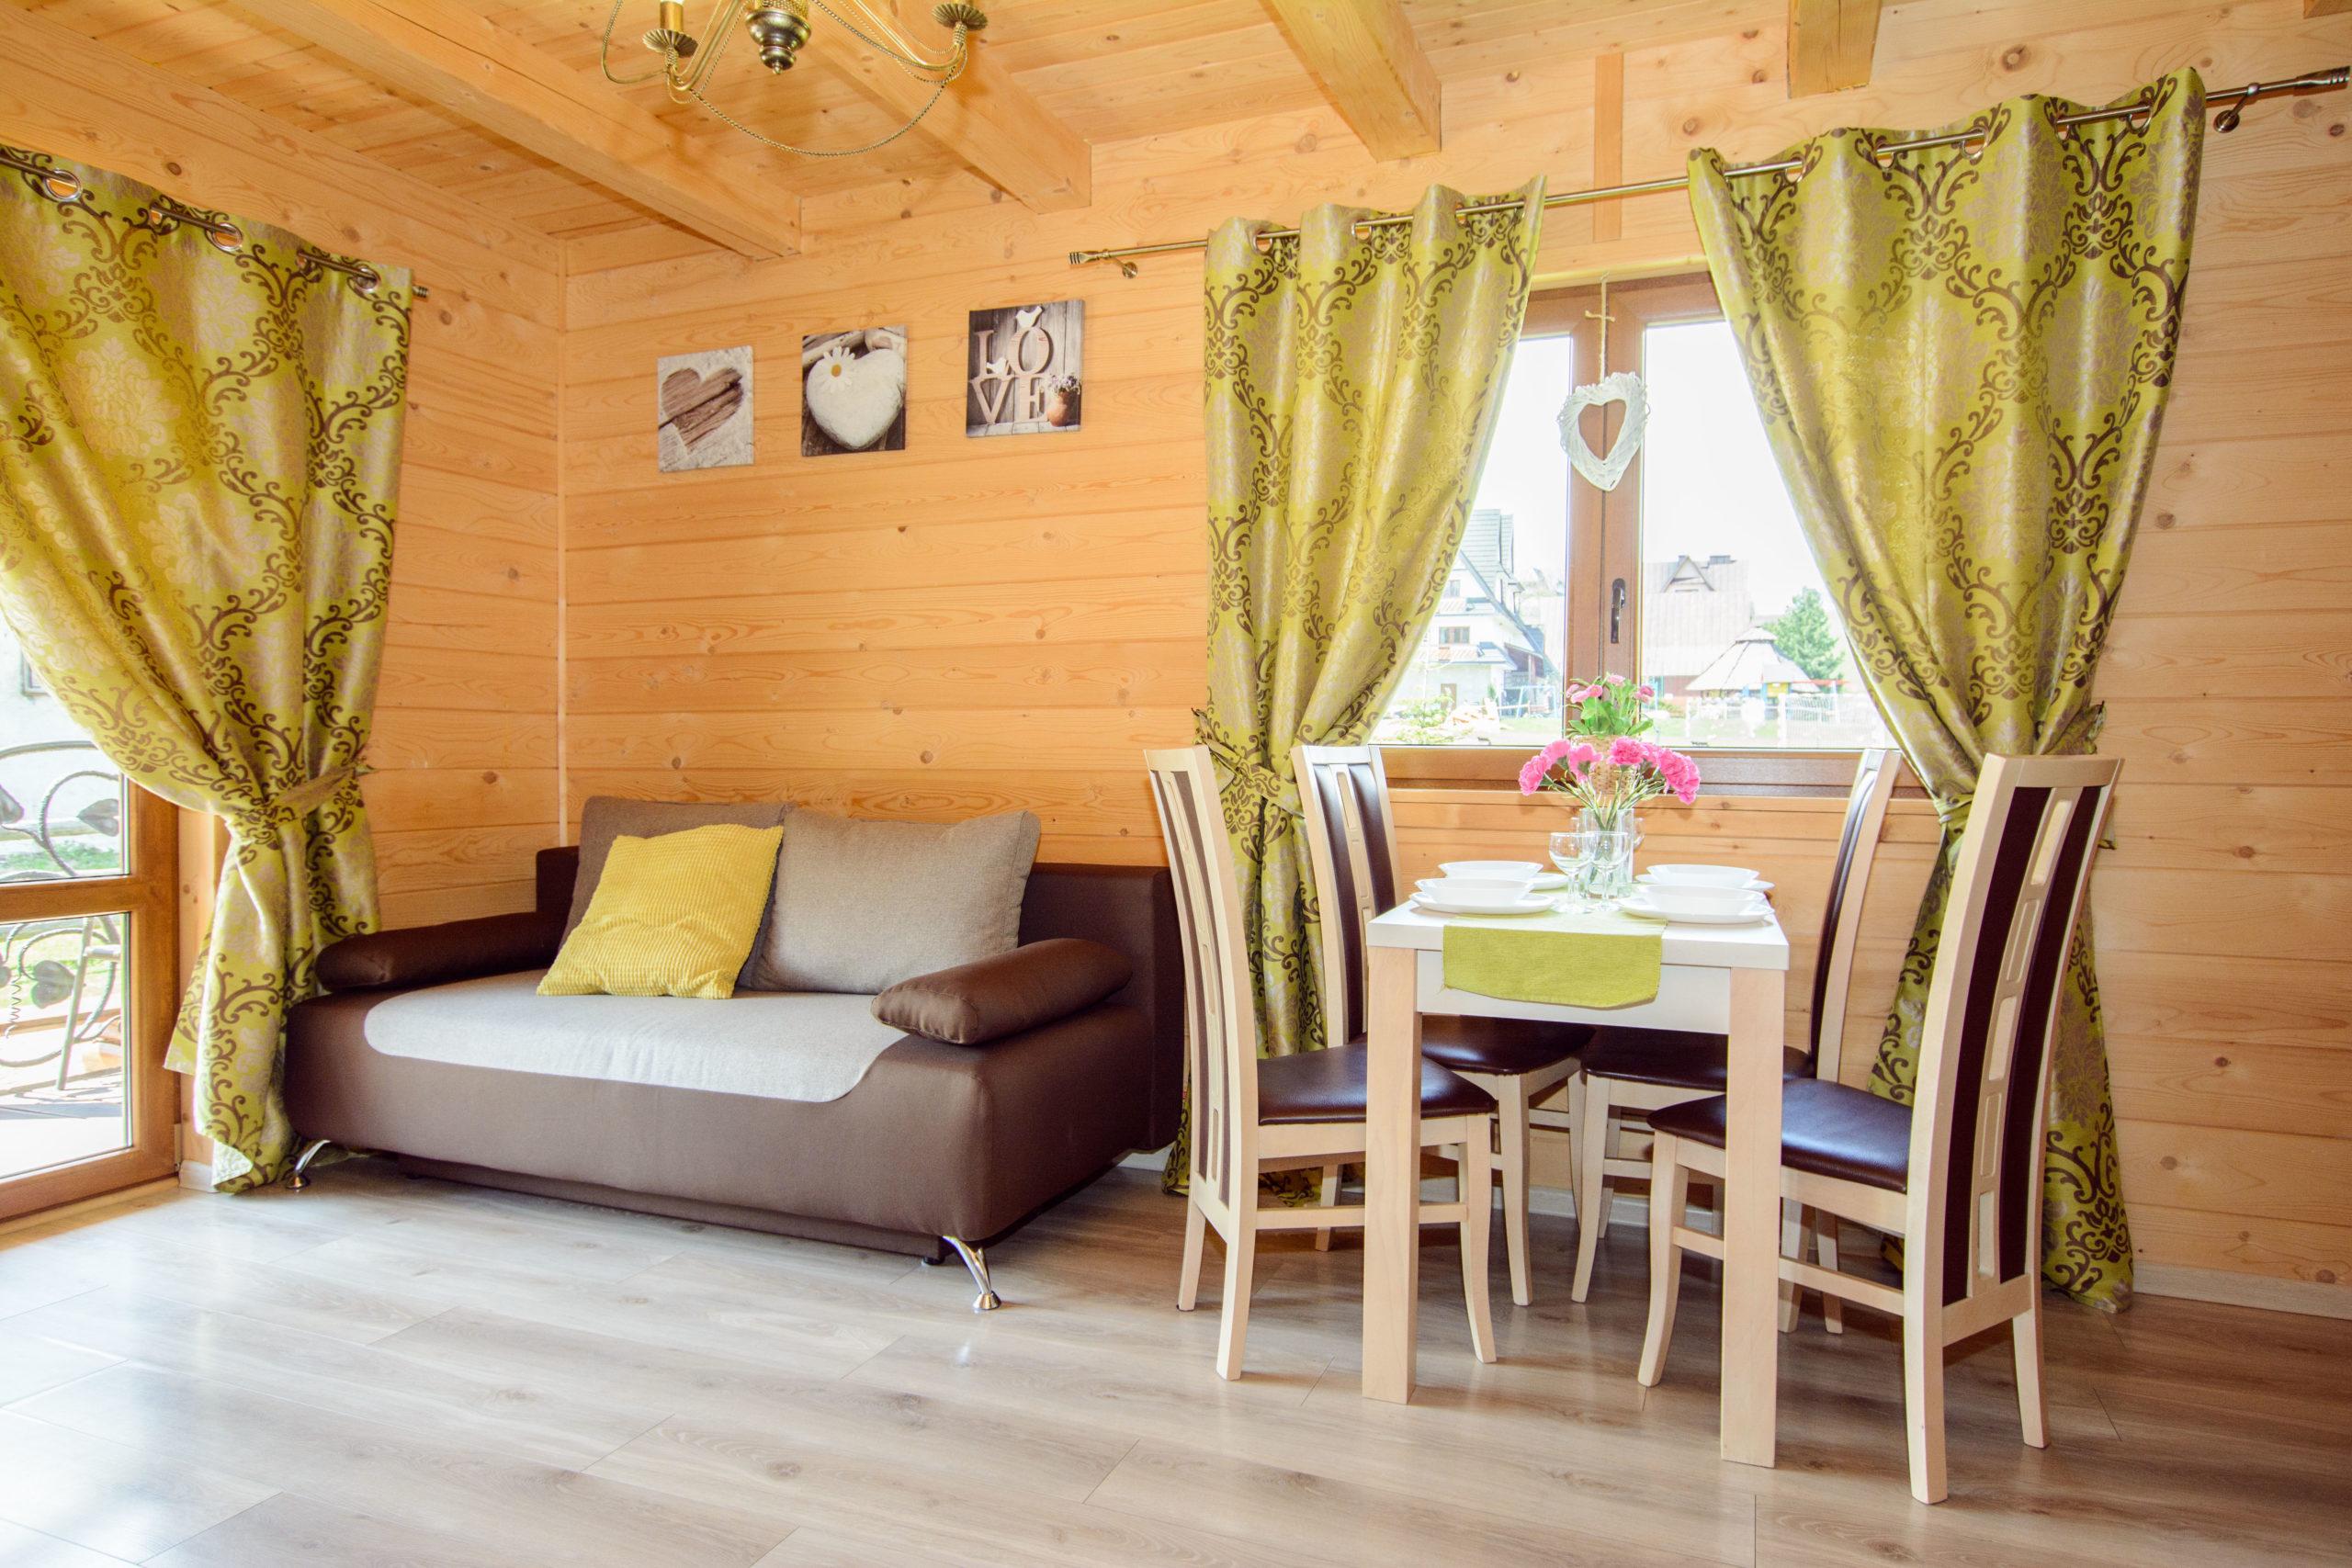 domki-gawra-zakopane-noclegi-ferie-wakacje-drewno-scaledw18